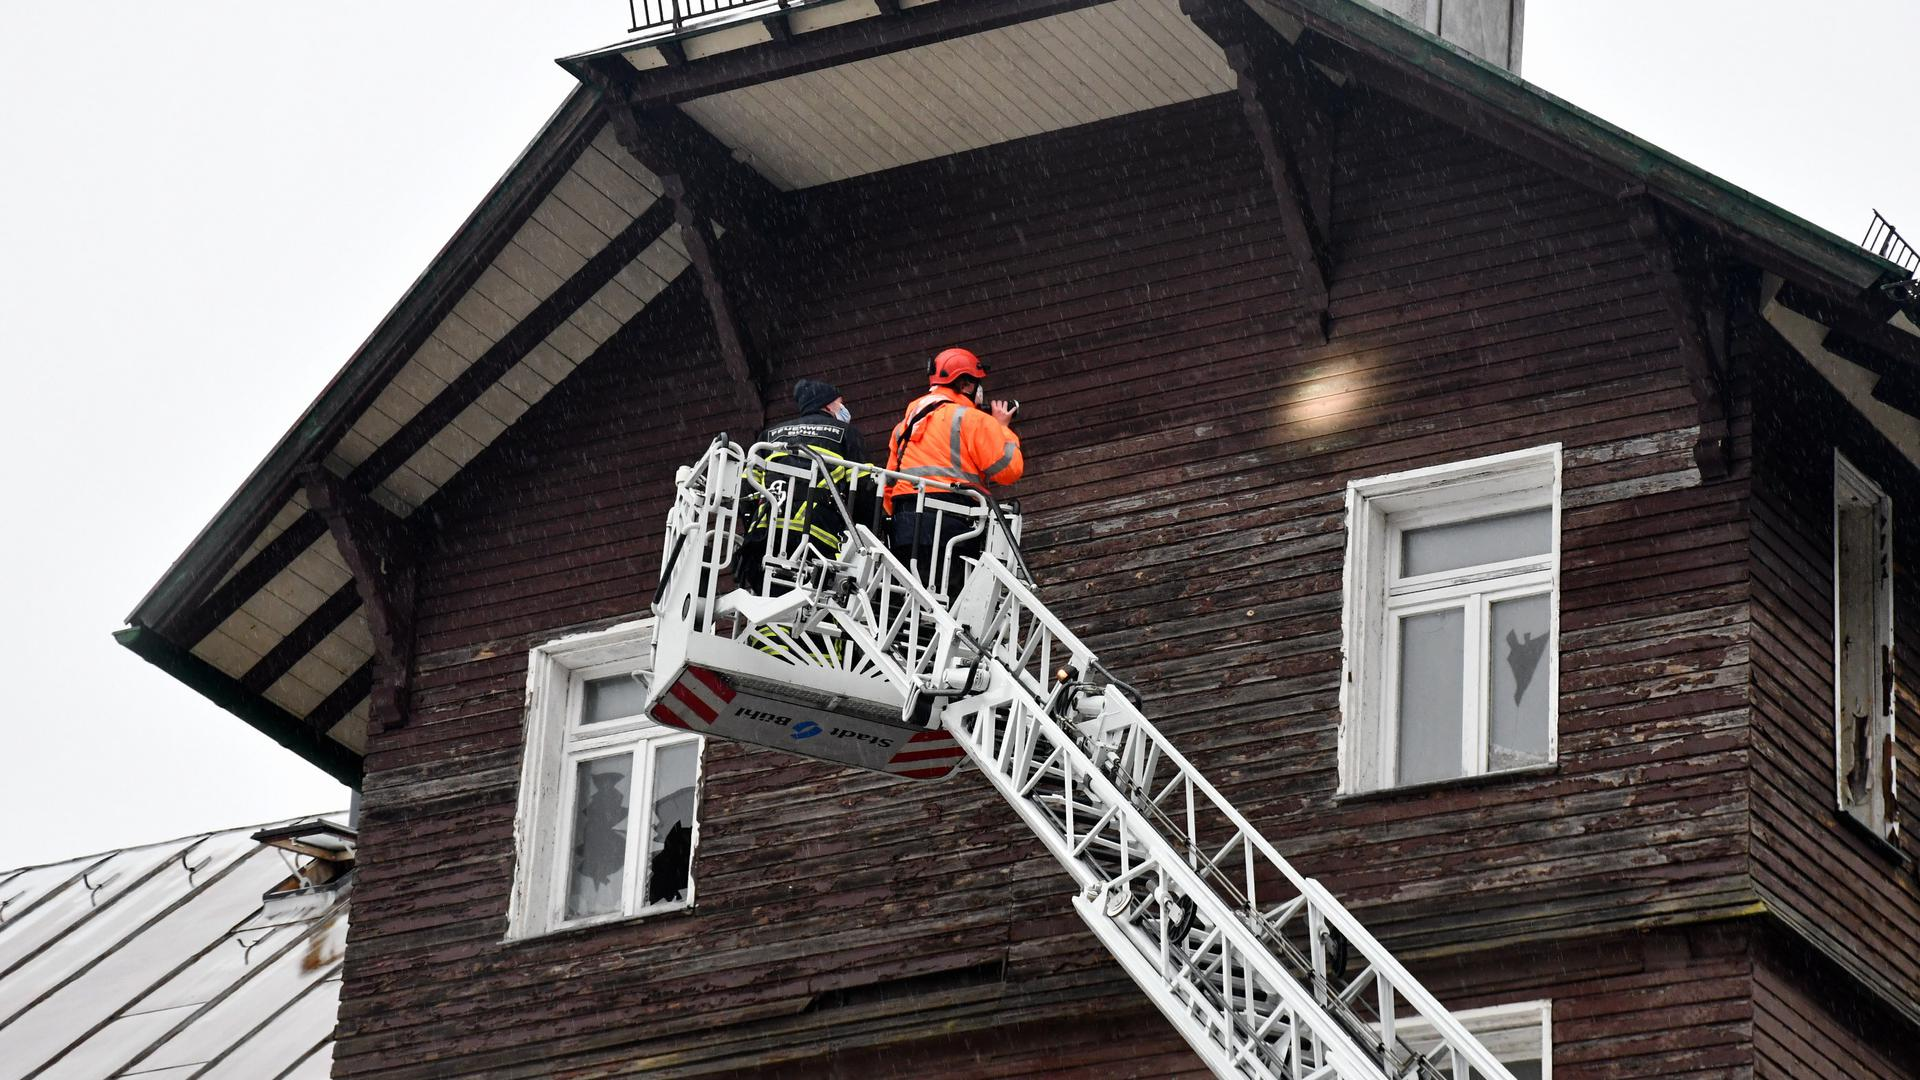 Genaue Inspektion: Experten haben vor dem geplanten Abriss des ehemaligen Knappschaftsheimes auf Hundseck eine Fledermaus entdeckt und diese geborgen.